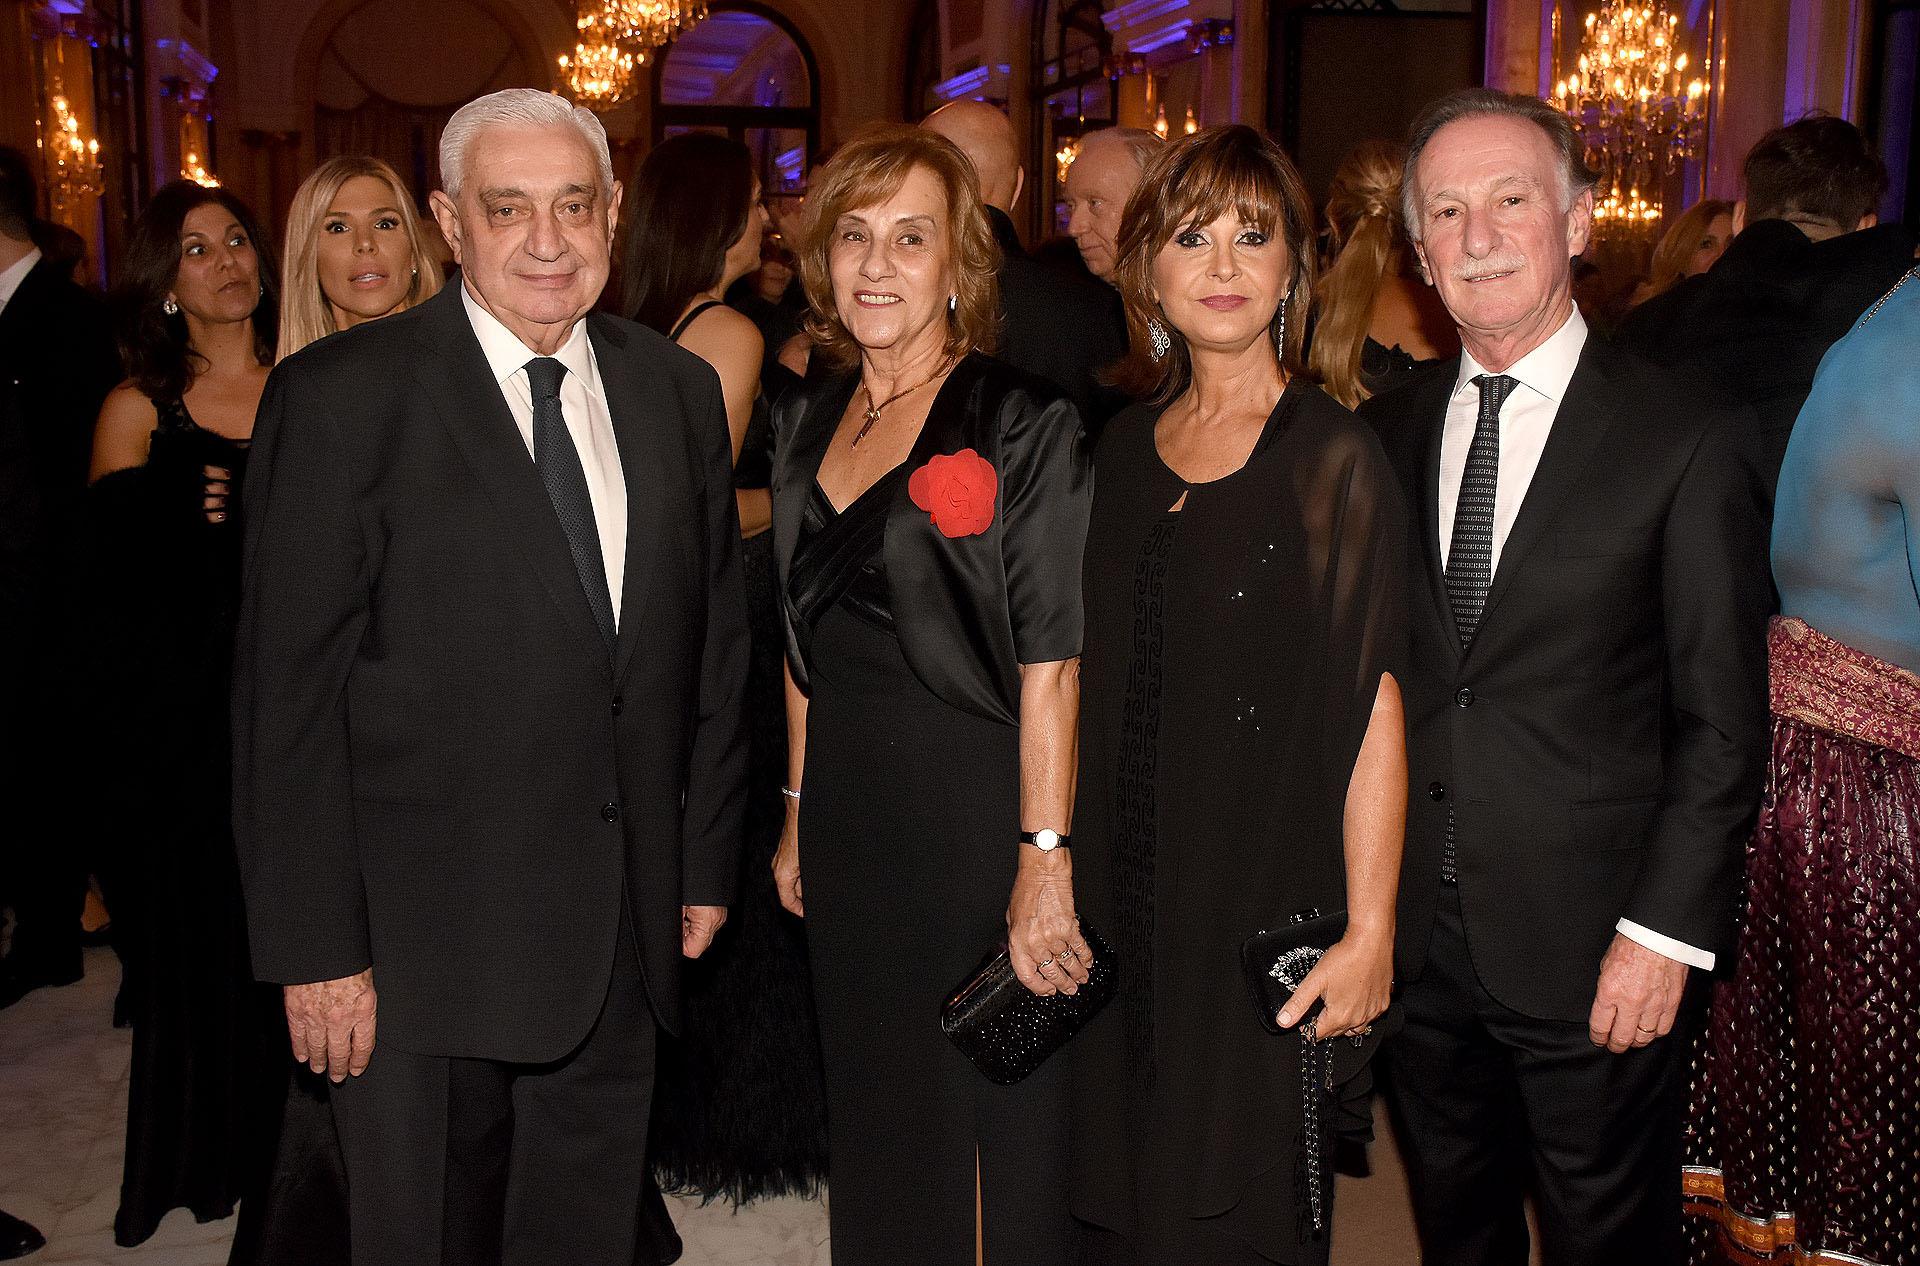 El presidente de la Bolsa de Comercio de Buenos Aires, Adelmo Gabbi, junto a Gustavo Weiss, titular de CAMARCO, y sus esposas